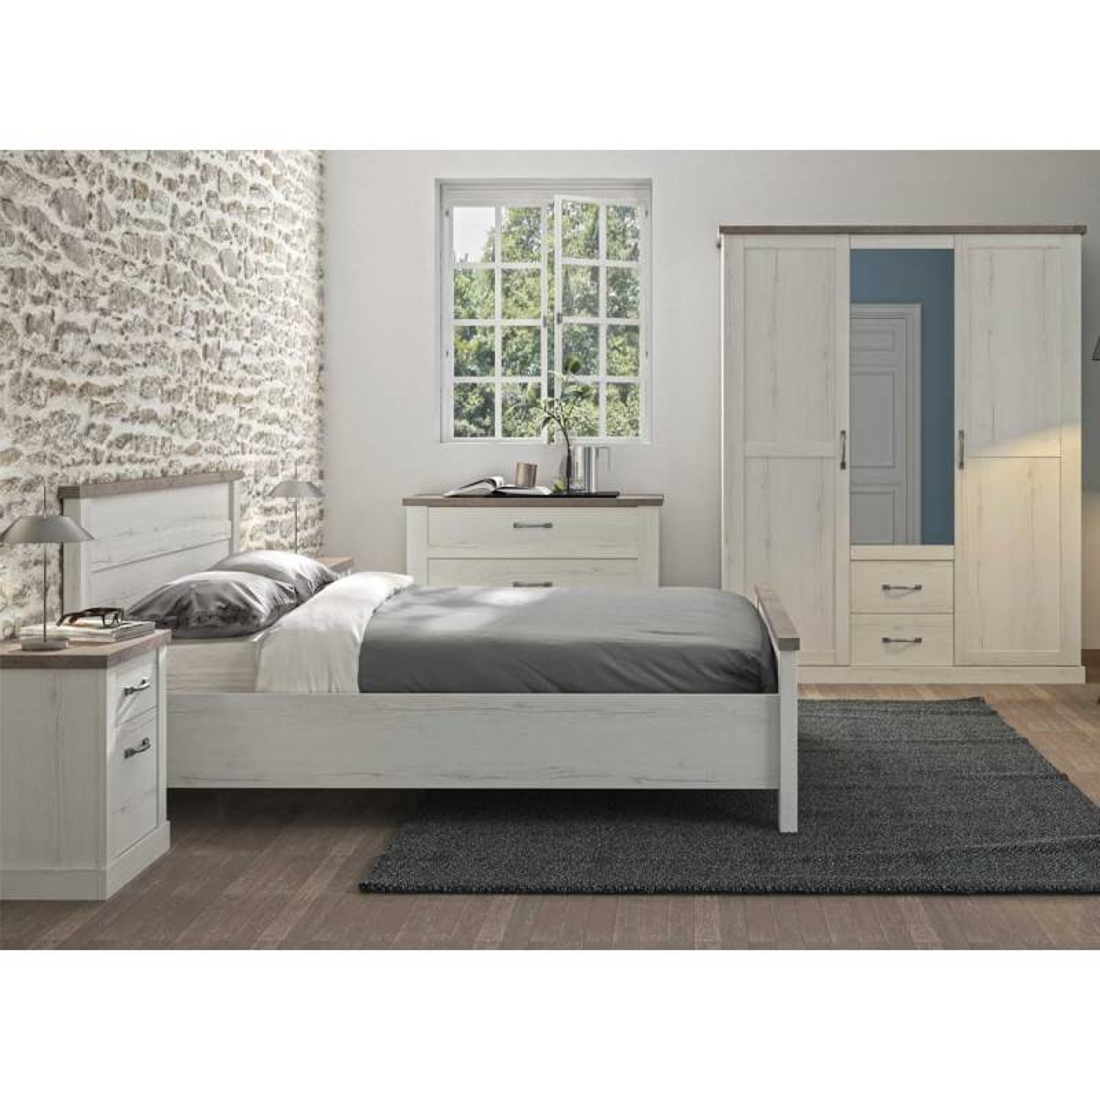 Tousmesmeubles Chambre Adulte Complète (140*190) Chêne blanchi/Béton - PERLE - L 156 x l 201 x H 100